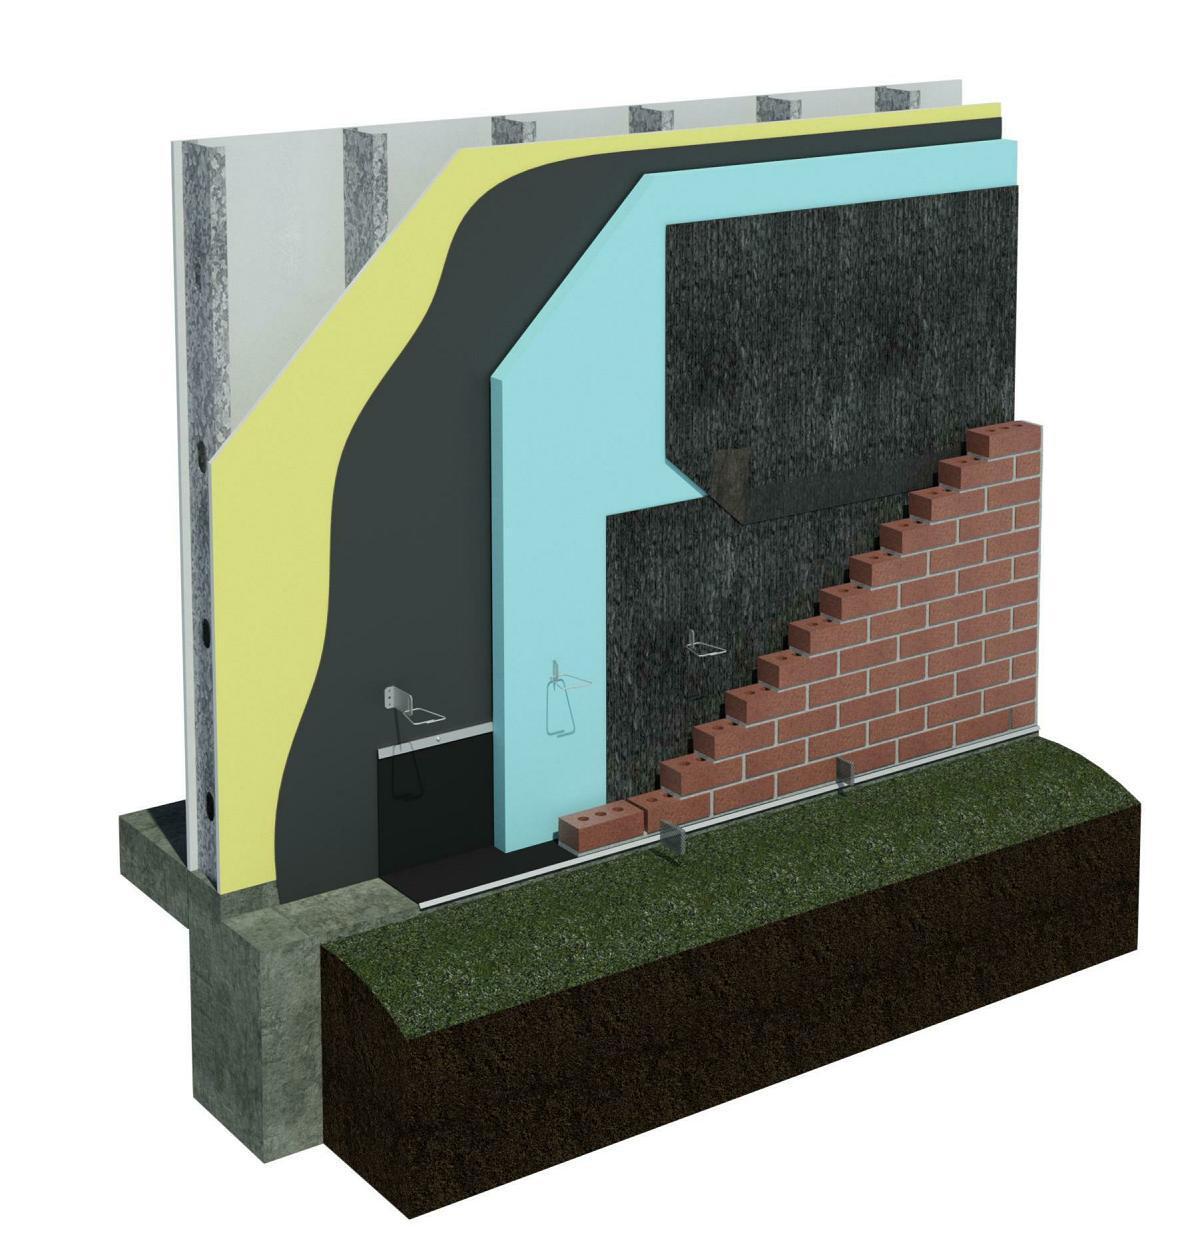 DriPlane metal stud wall with brick veneer